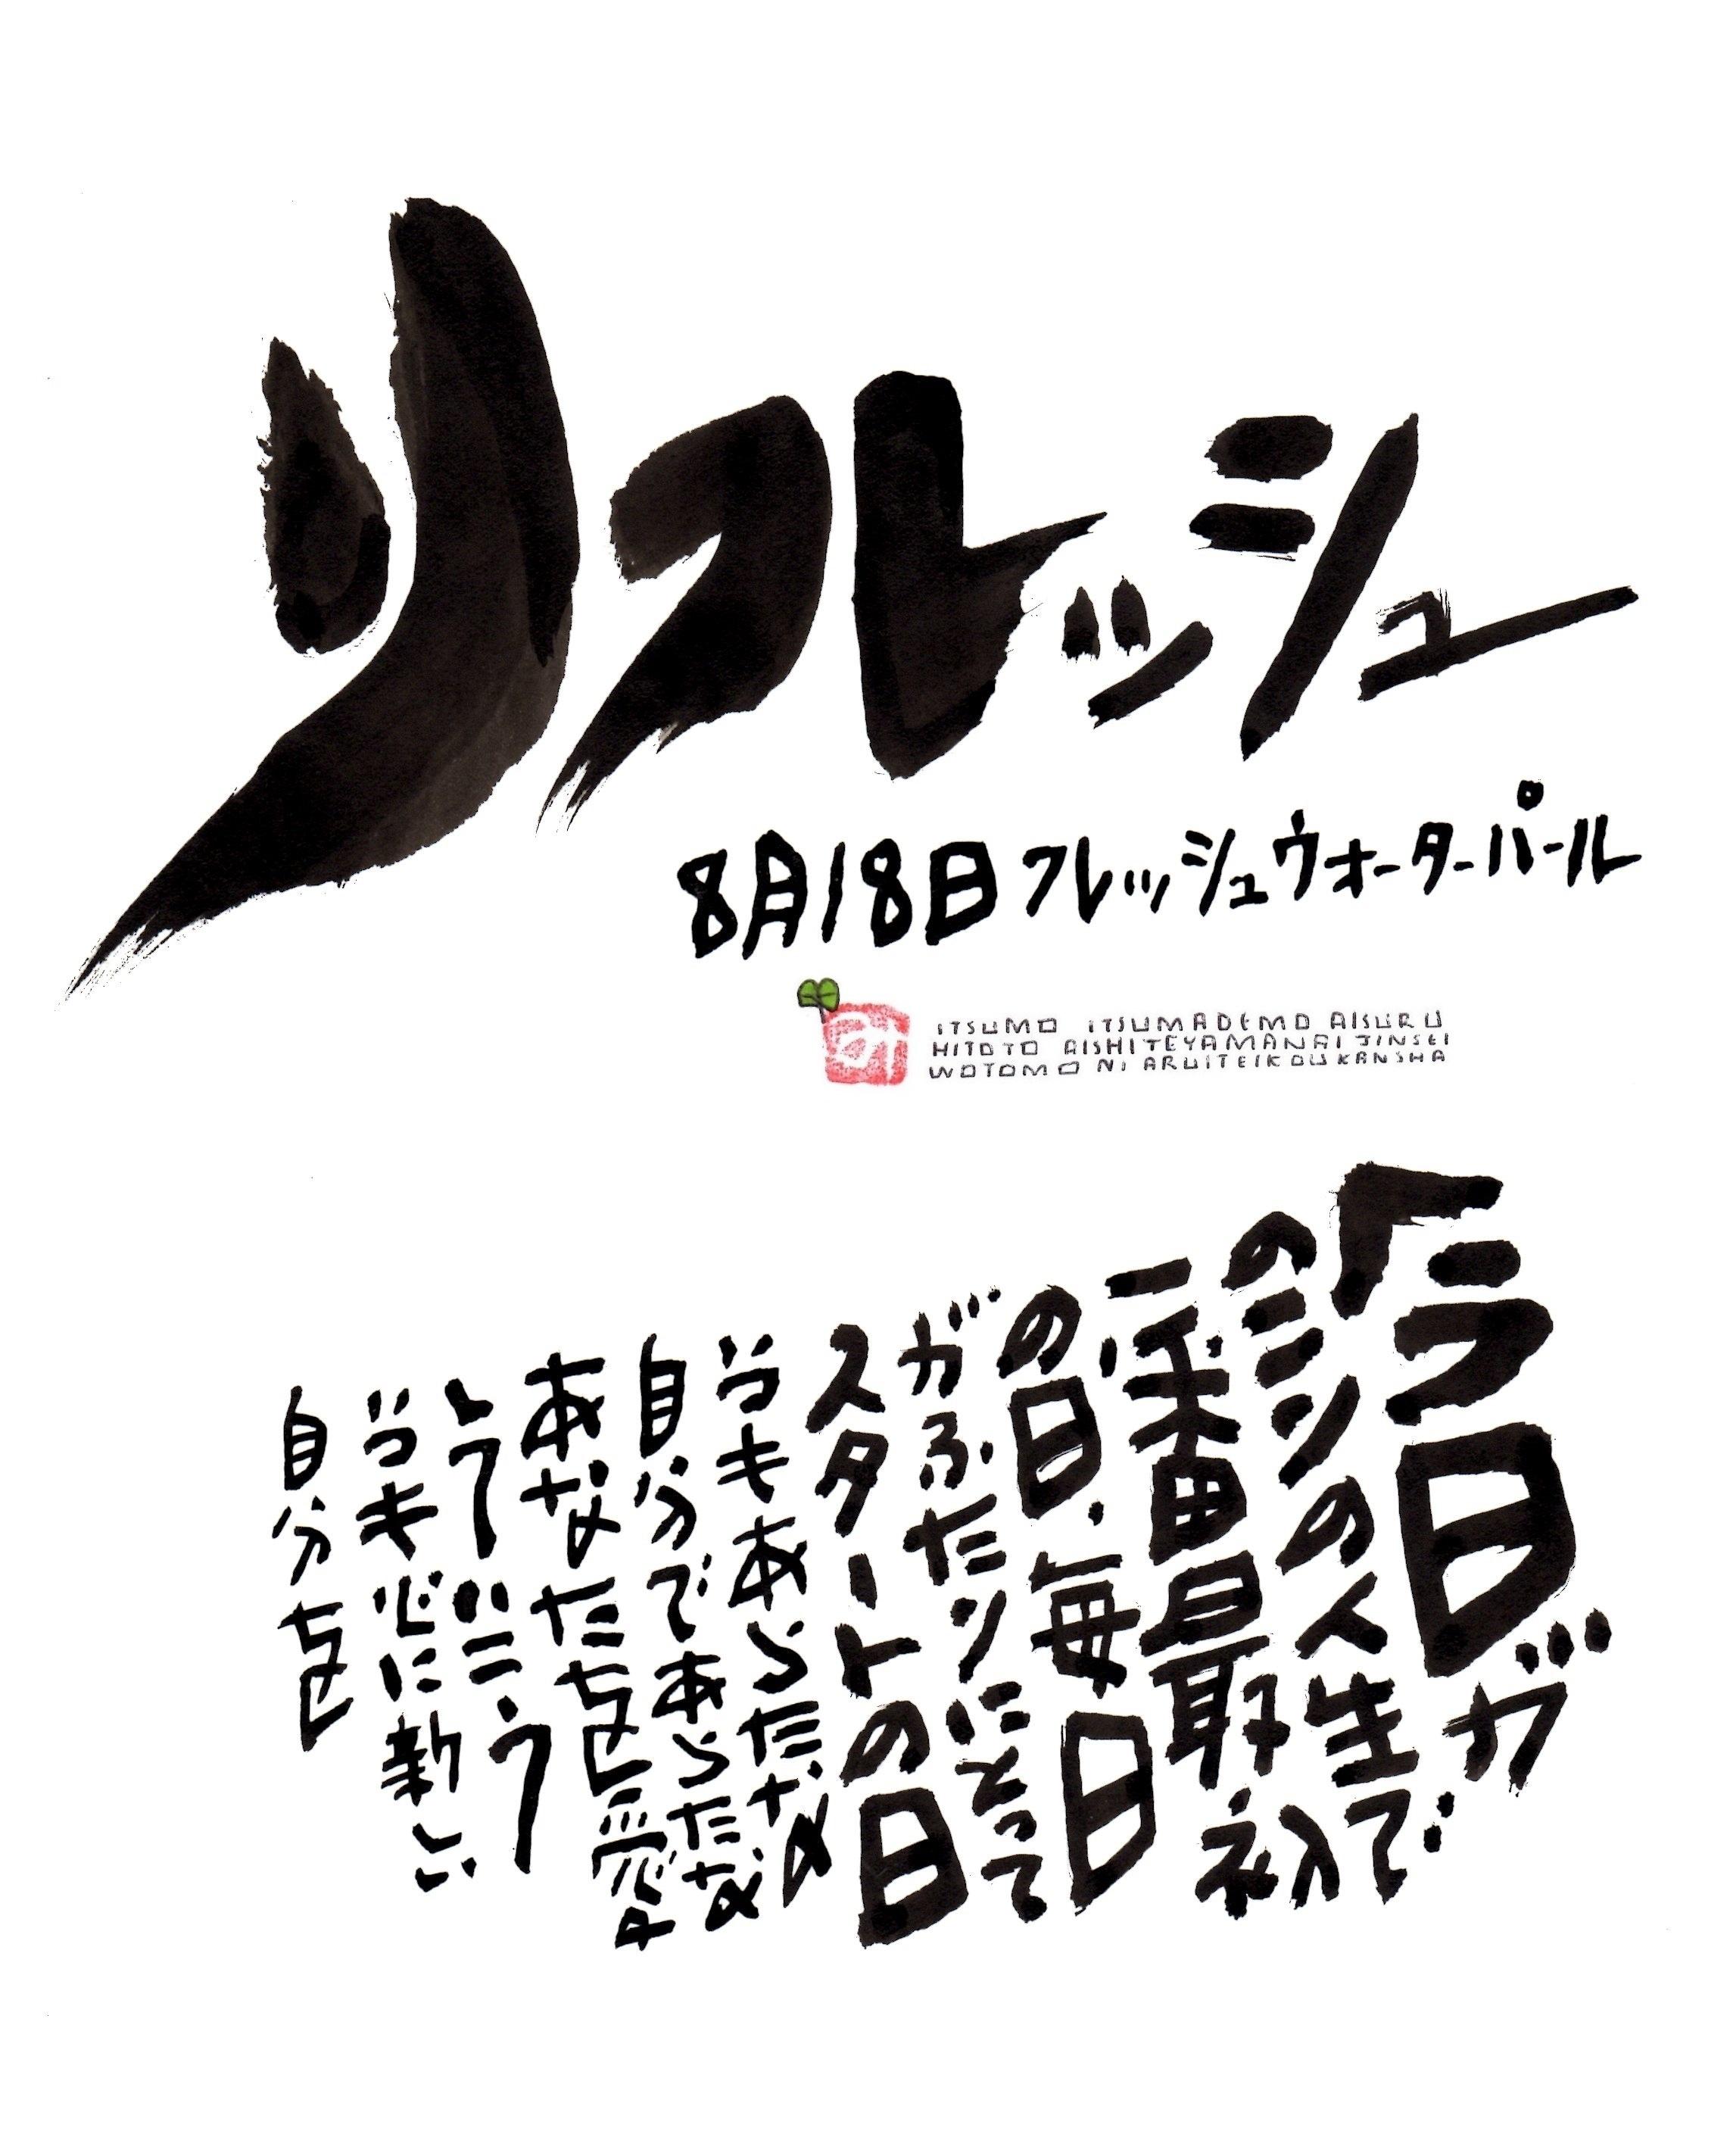 8月18日 結婚記念日ポストカード【リフレッシュ】